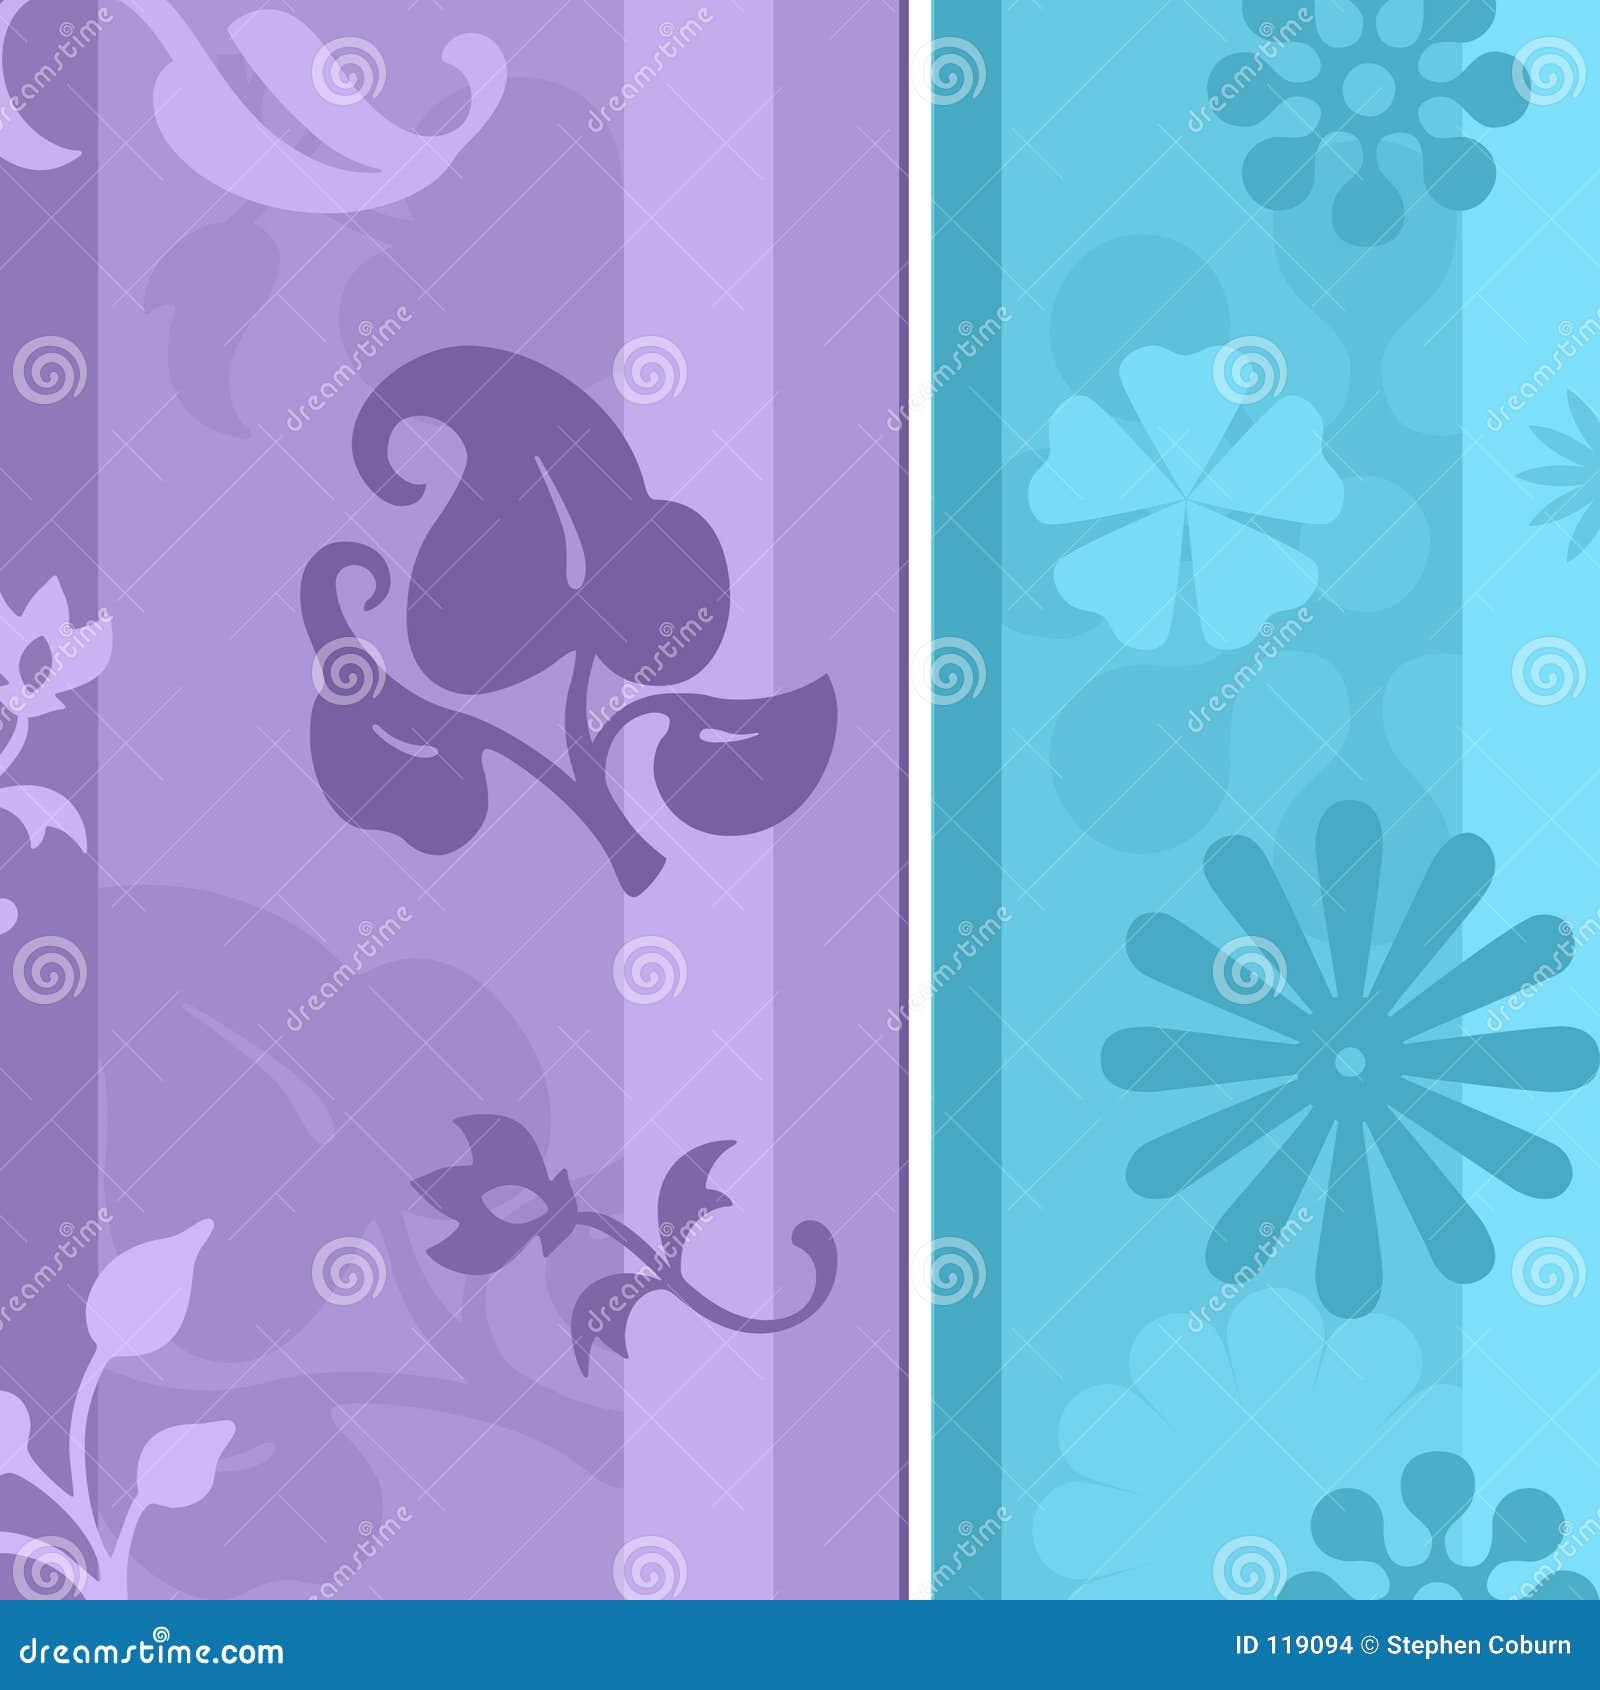 Papel pintado floral imagenes de archivo imagen 119094 - Papel pintado imagenes ...